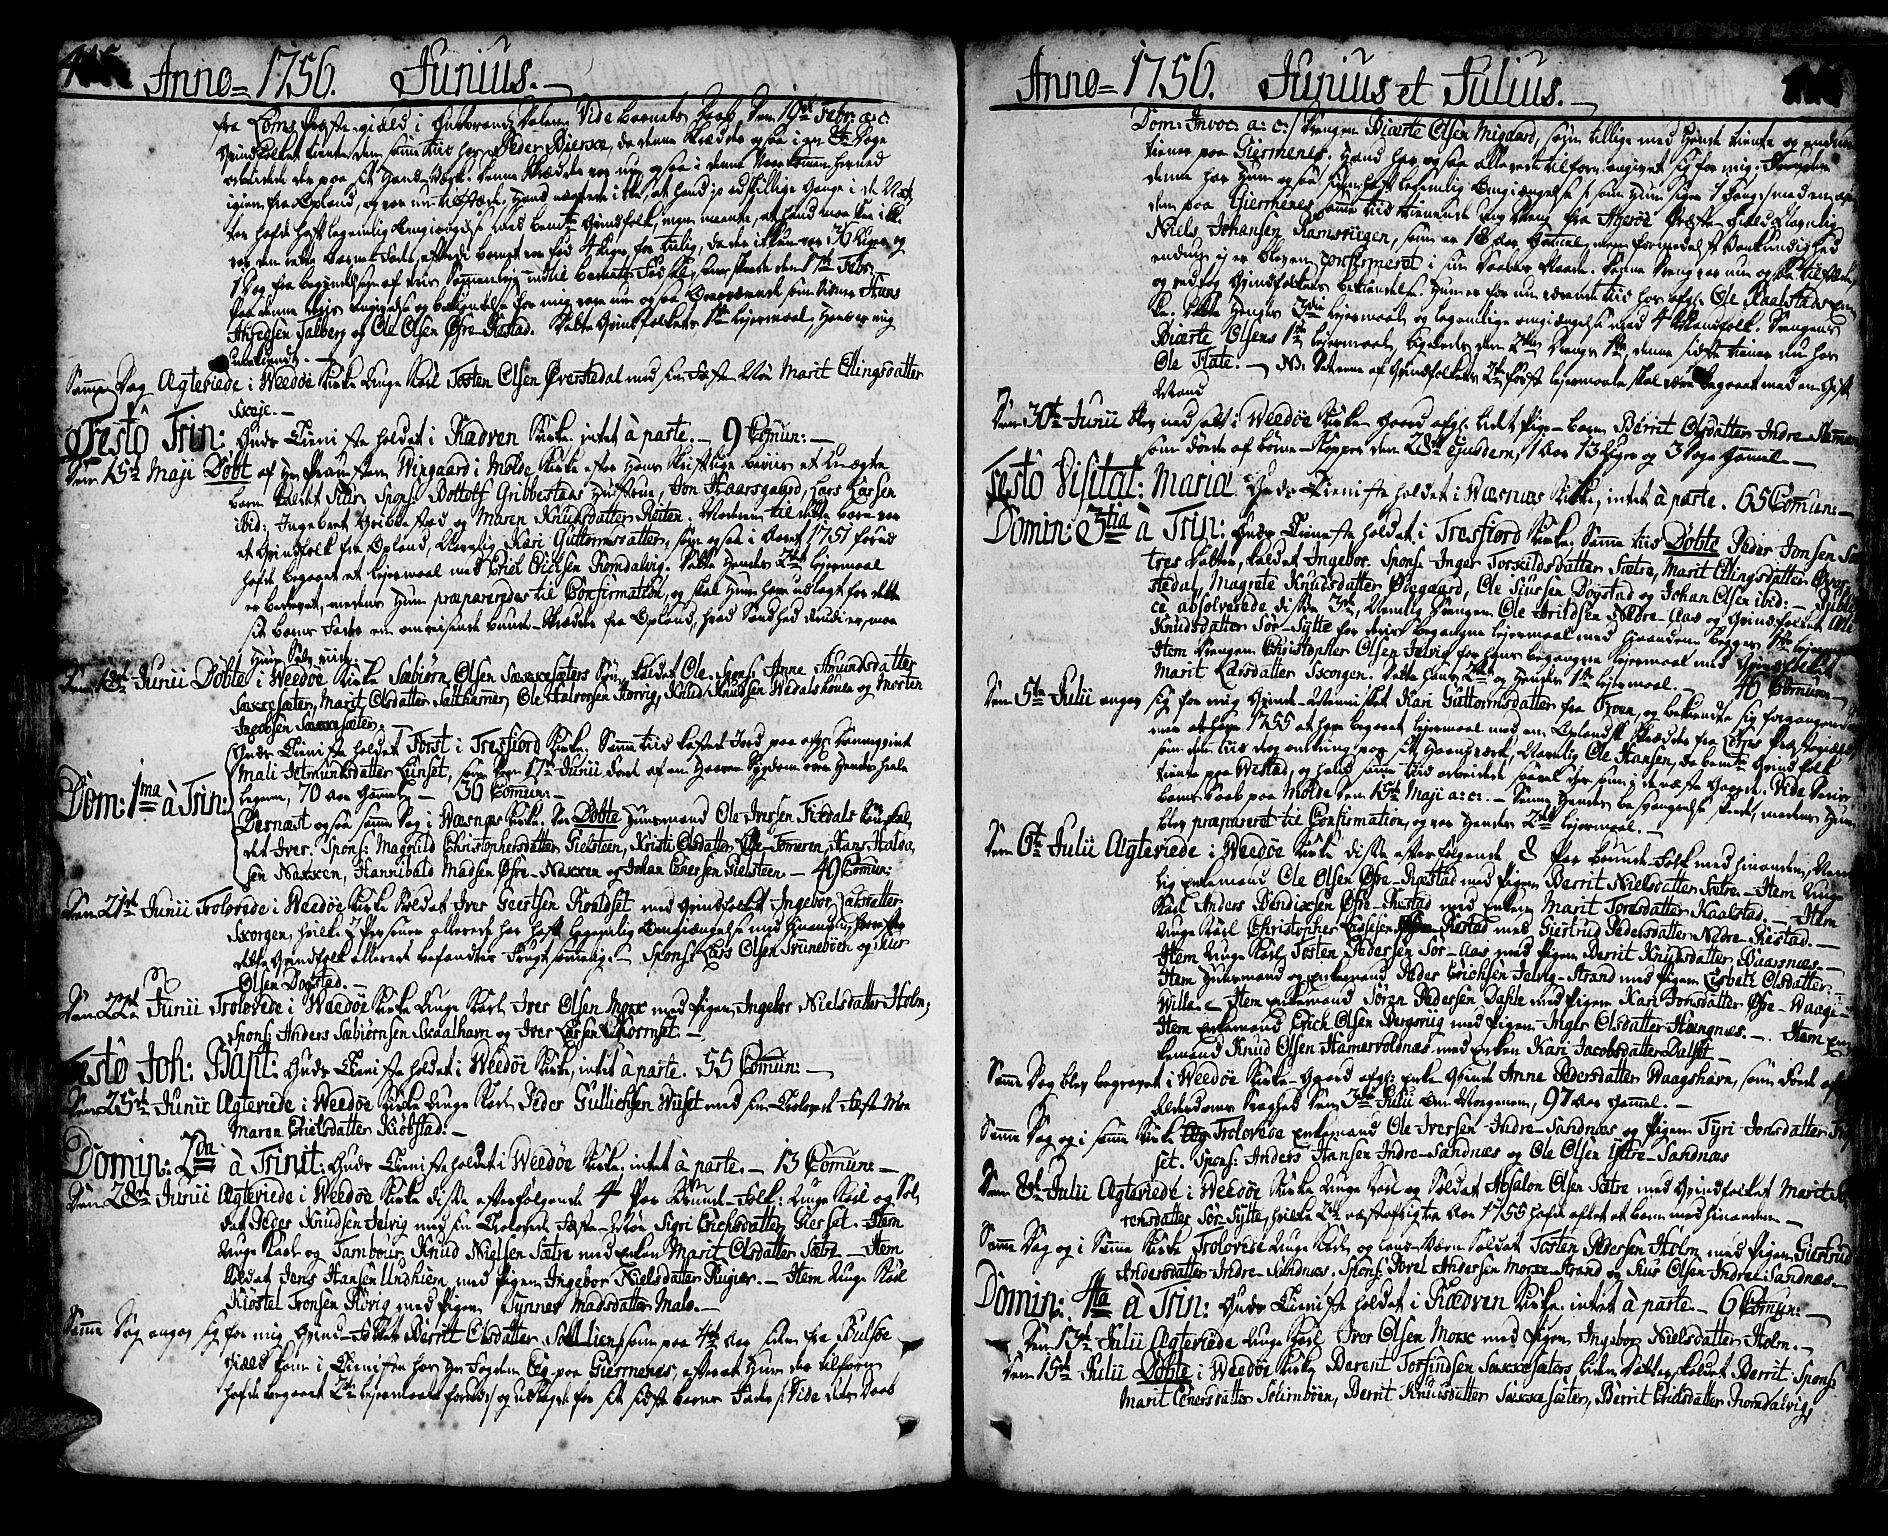 SAT, Ministerialprotokoller, klokkerbøker og fødselsregistre - Møre og Romsdal, 547/L0599: Ministerialbok nr. 547A01, 1721-1764, s. 415-416